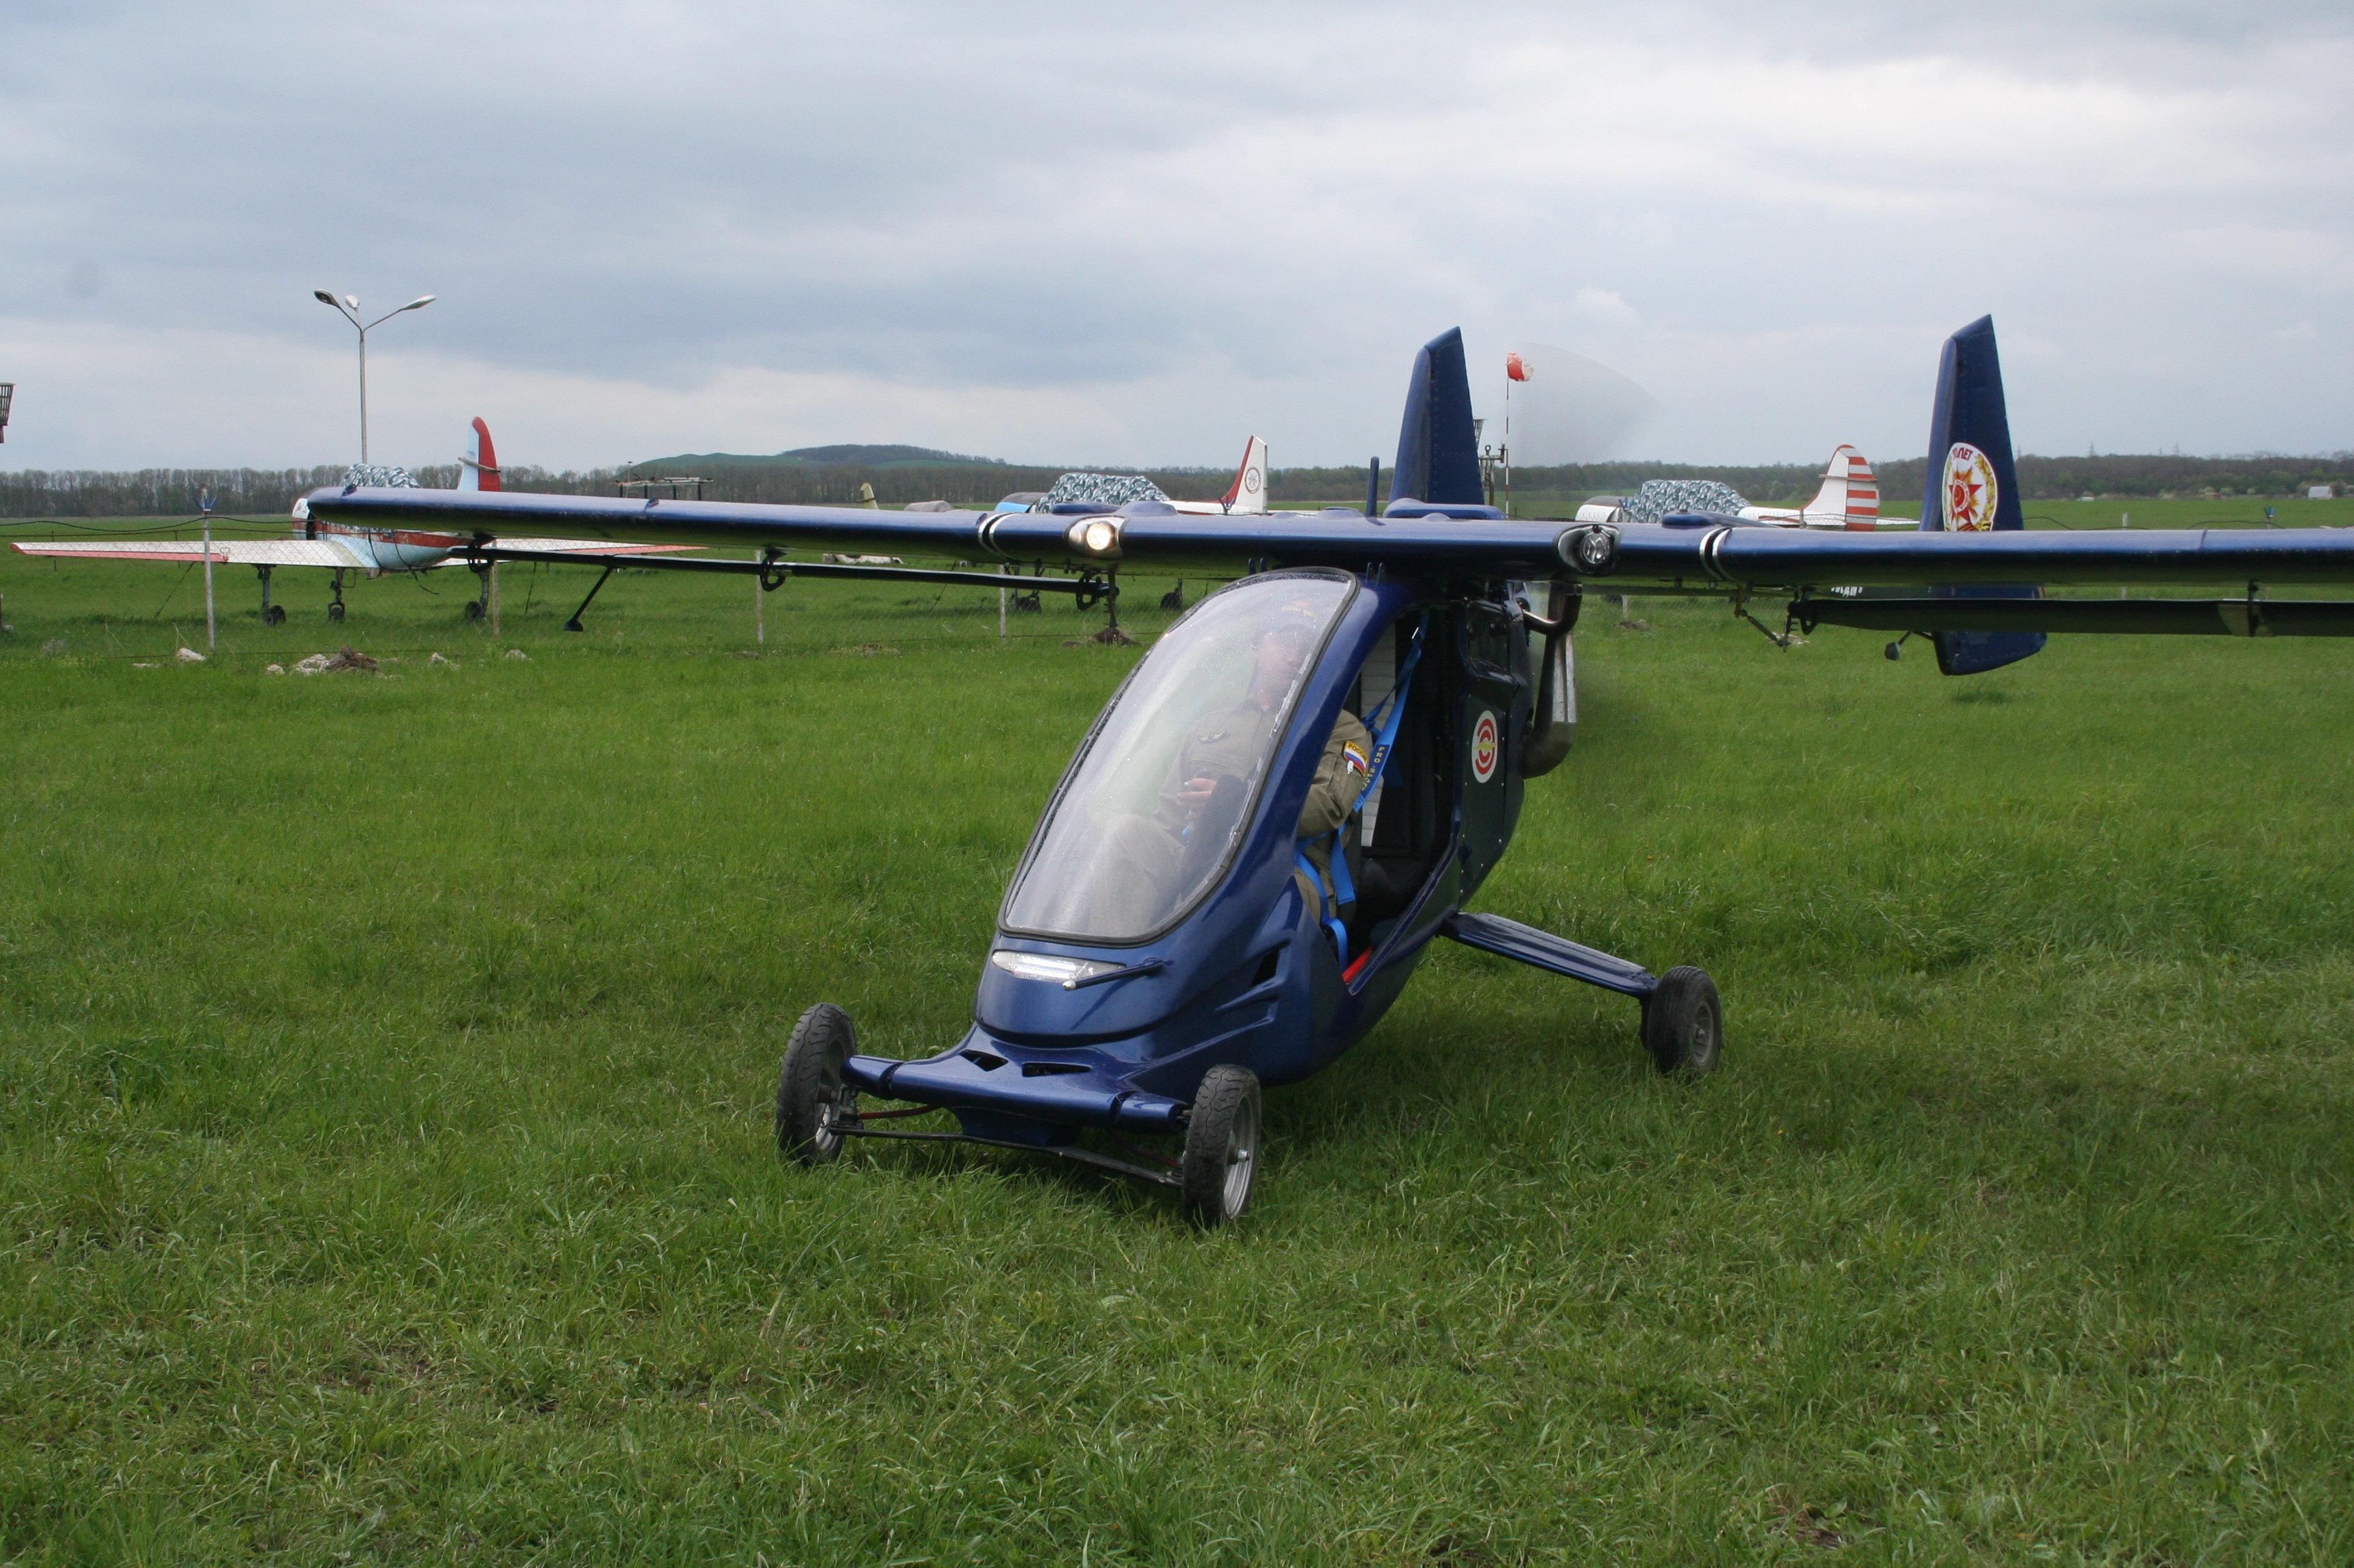 Una versión del begalet con alas rígidas: en esencia, un avión ultraligero